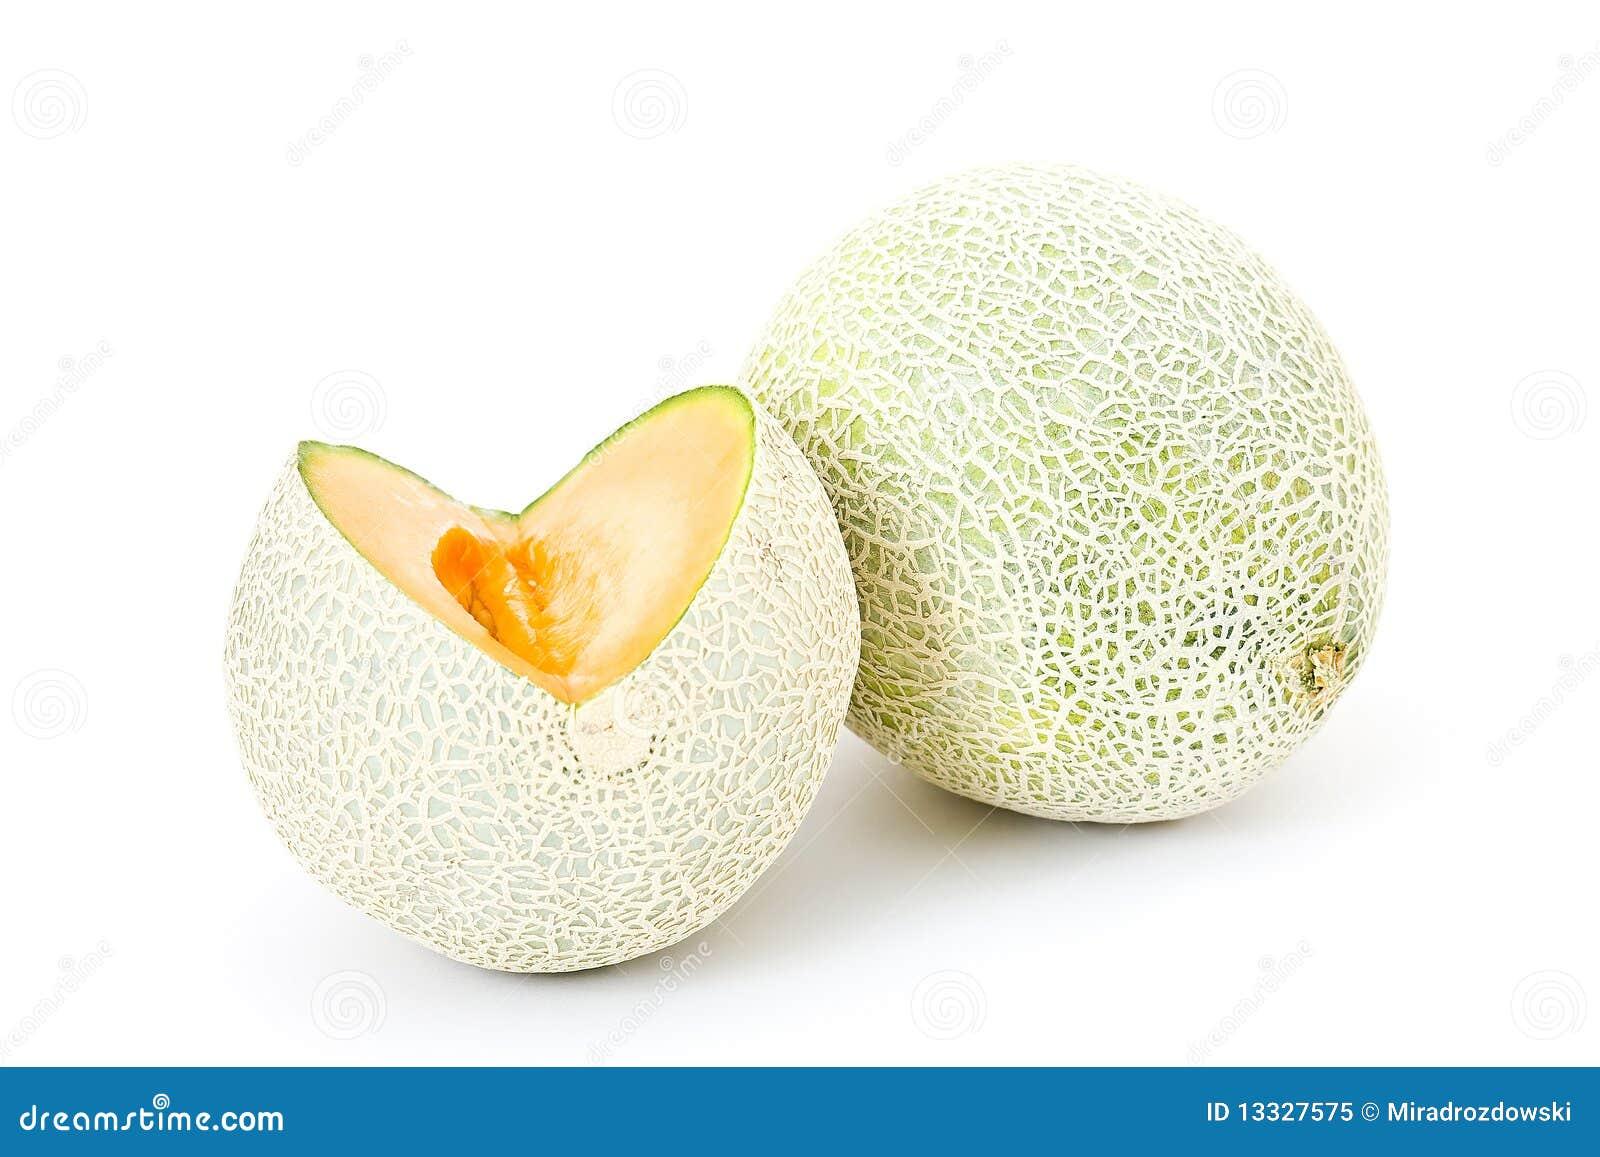 Melon orange de cantaloup